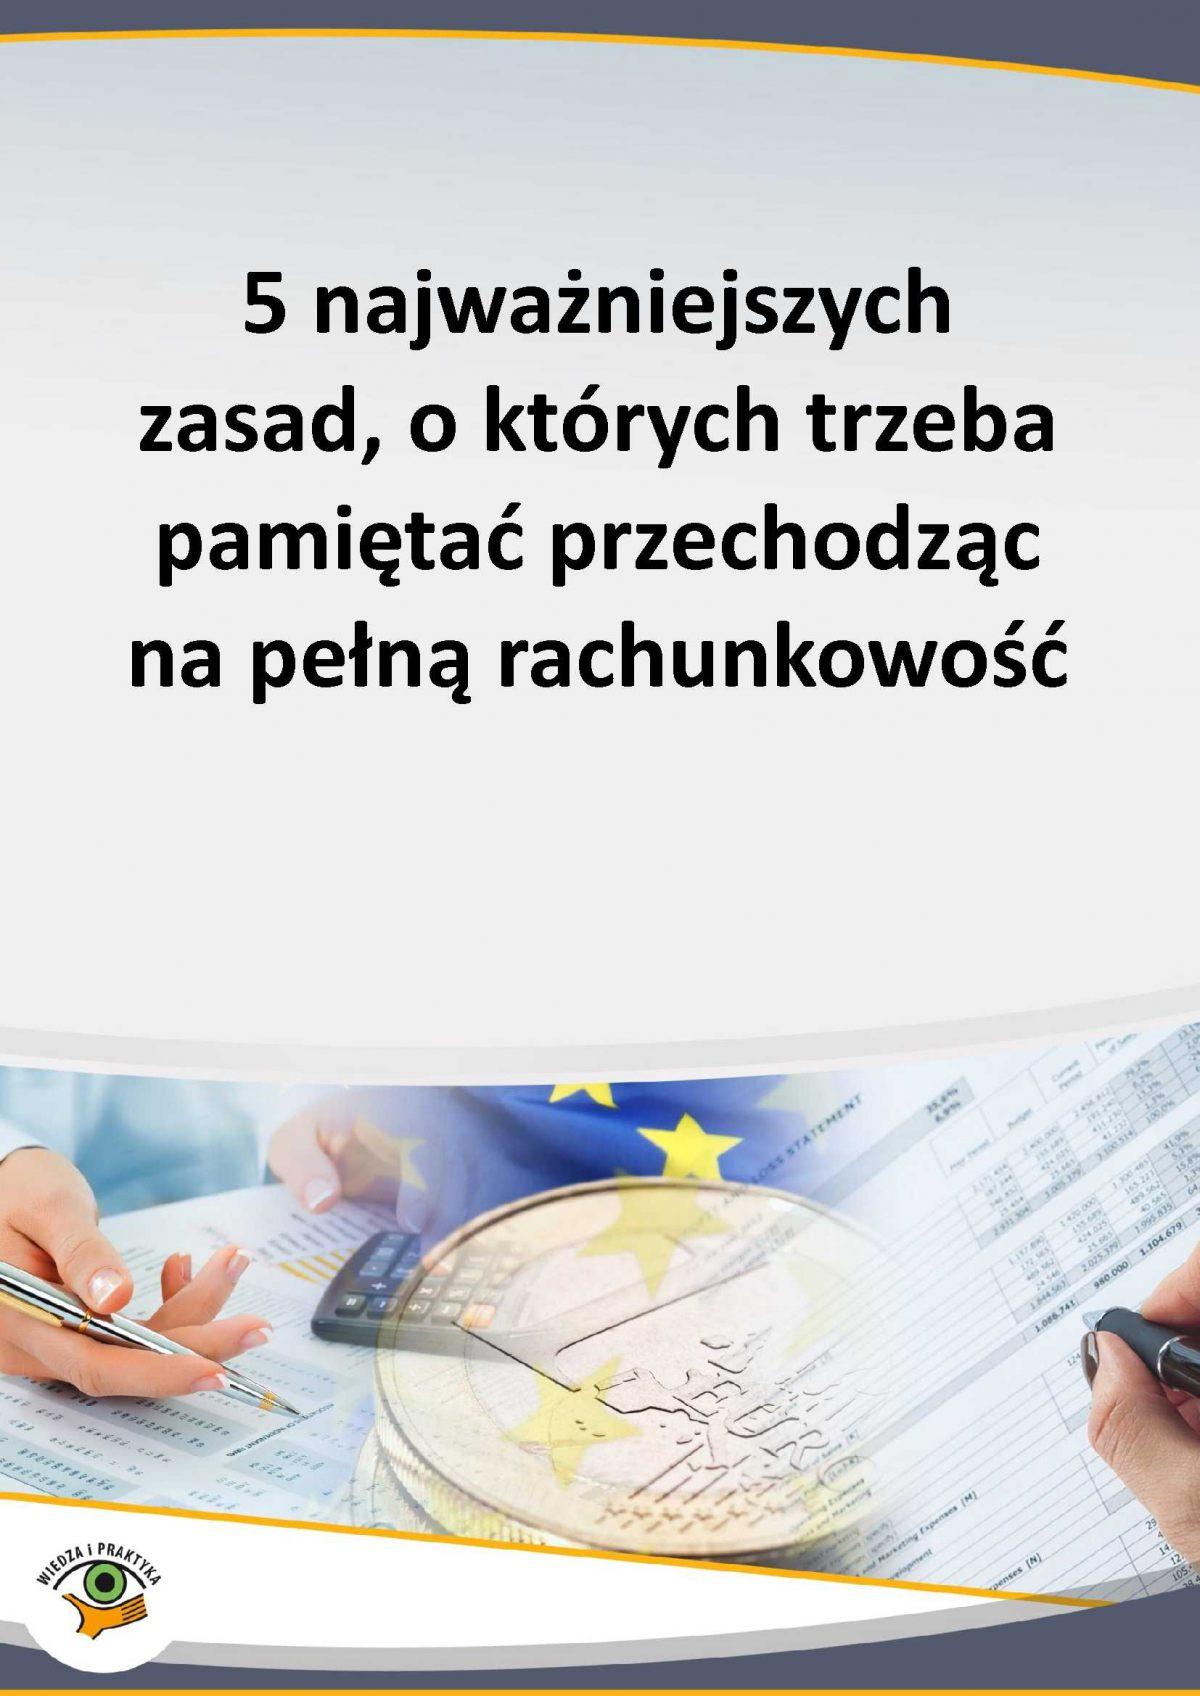 5 najważniejszych zasad, o których trzeba pamiętać przechodząc na pełną rachunkowość - Ebook (Książka PDF) do pobrania w formacie PDF